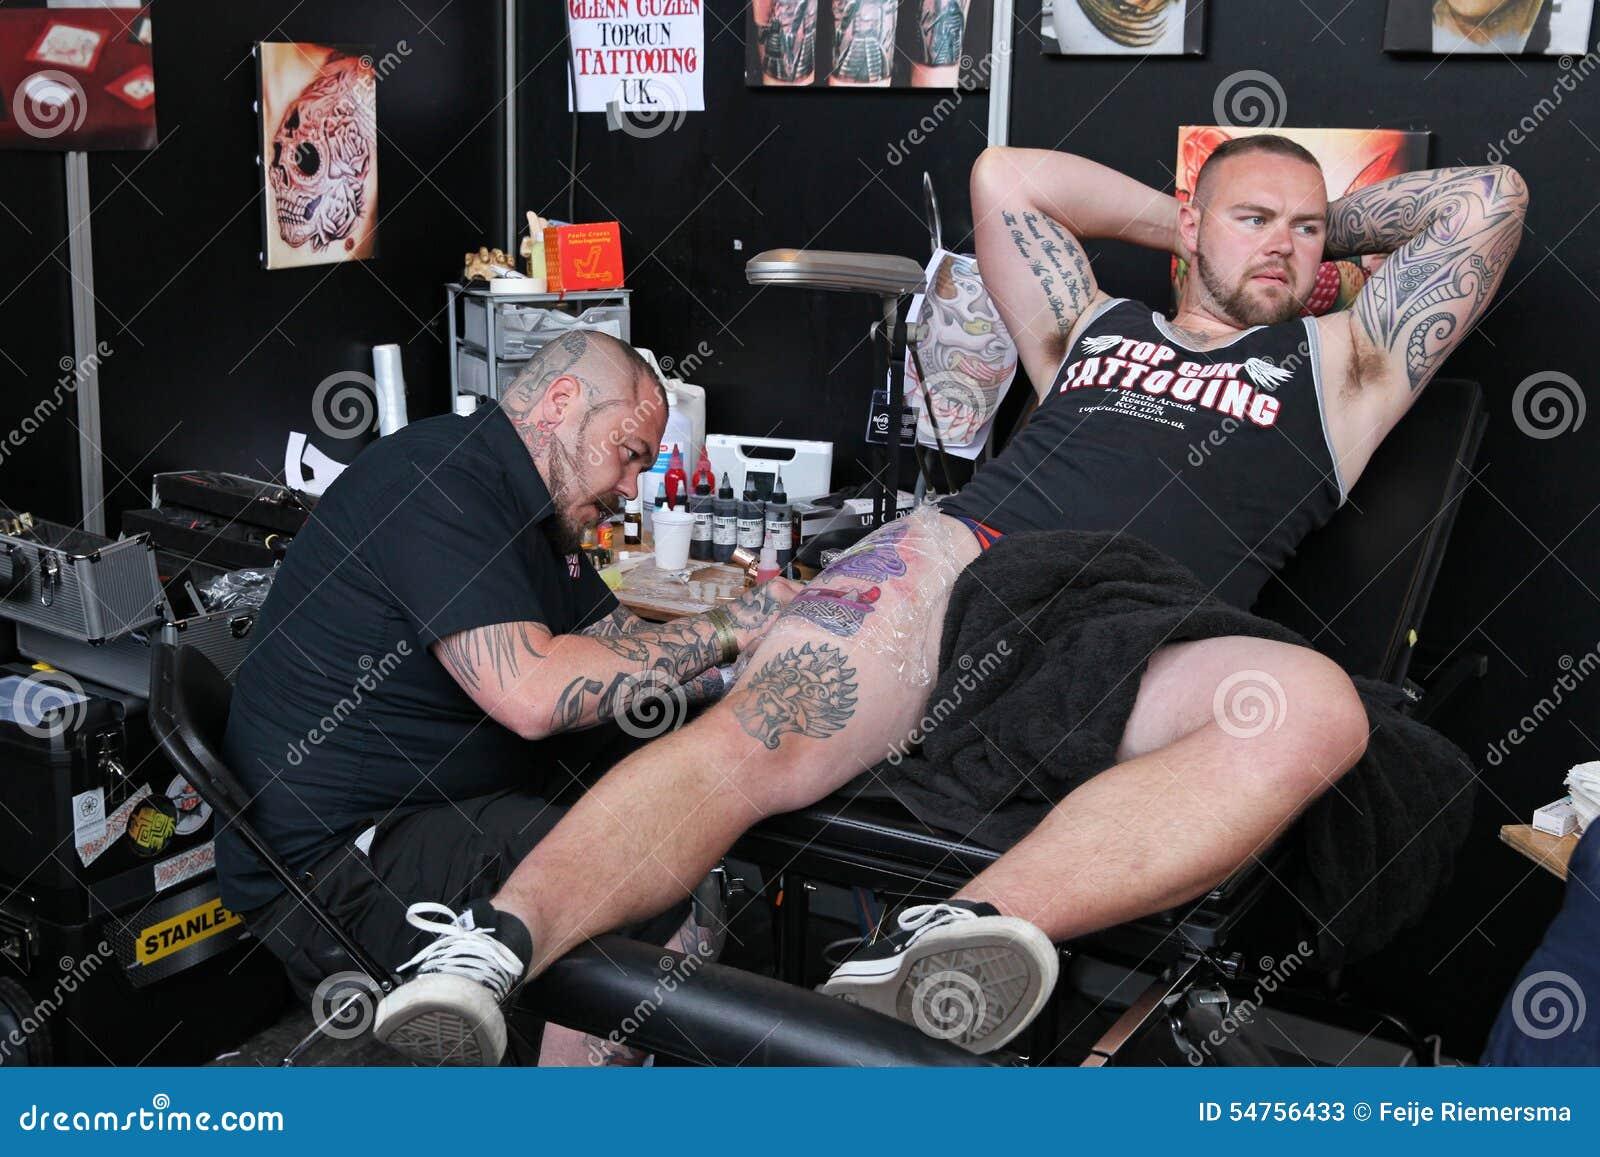 Man Getting A Tattoo, At A Tattoo Studio Editorial Stock ...